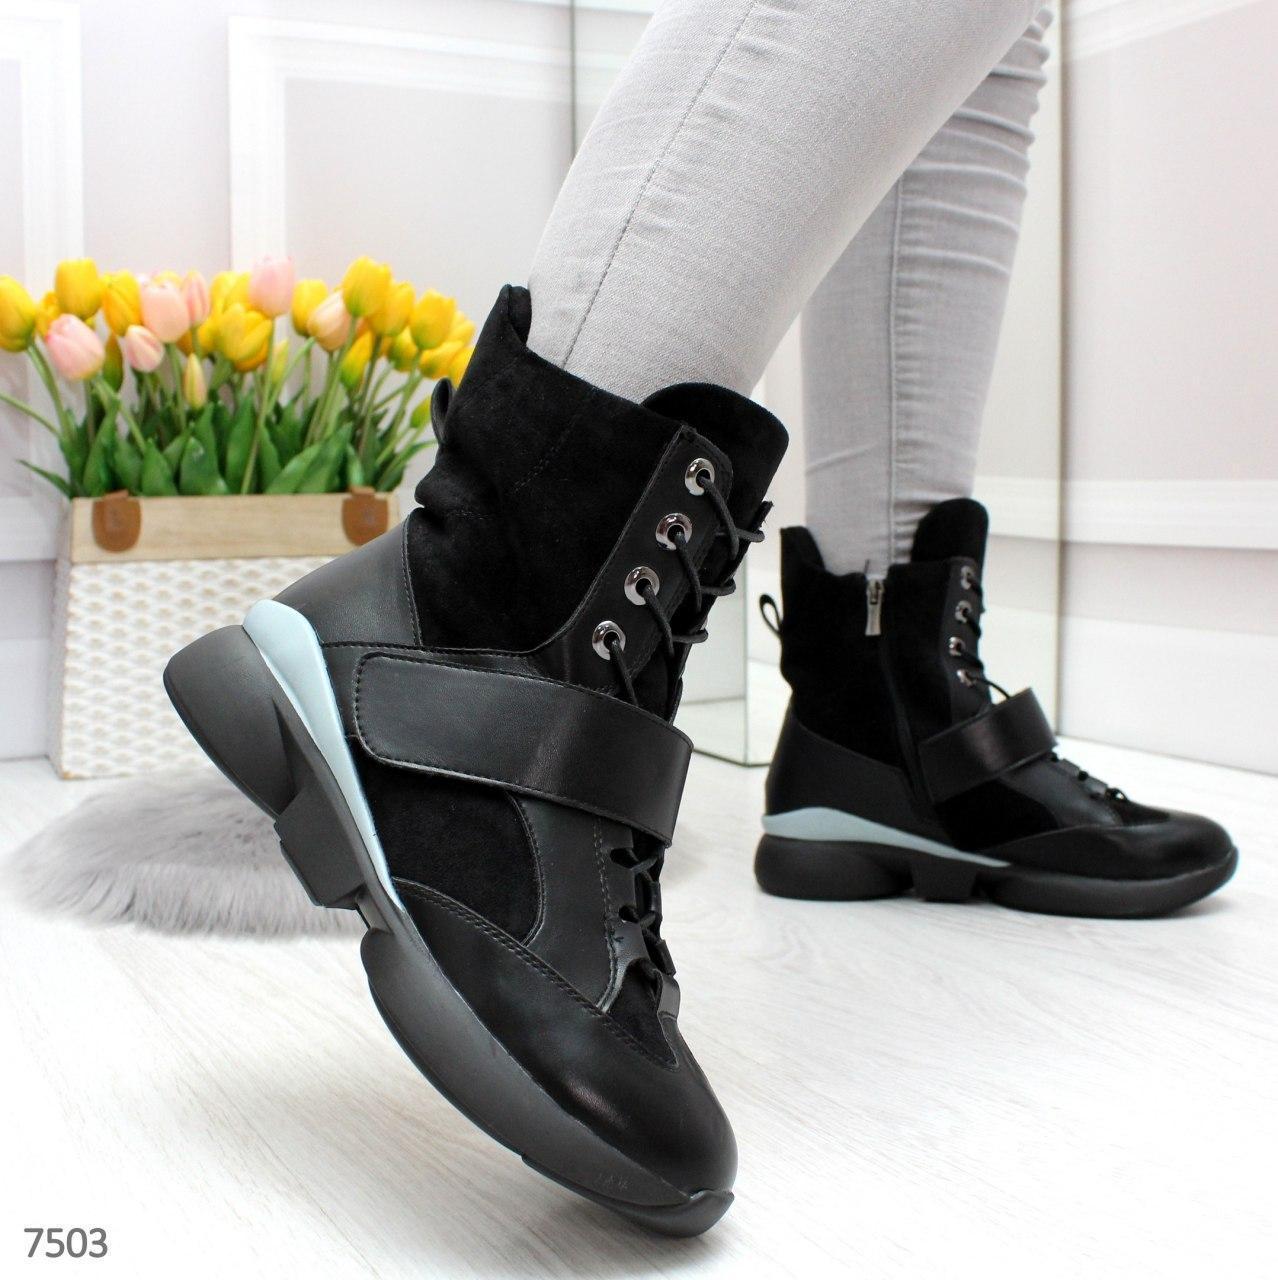 Демисезонные женские ботинки на флисе со шнуровкой и липучкой OB7503